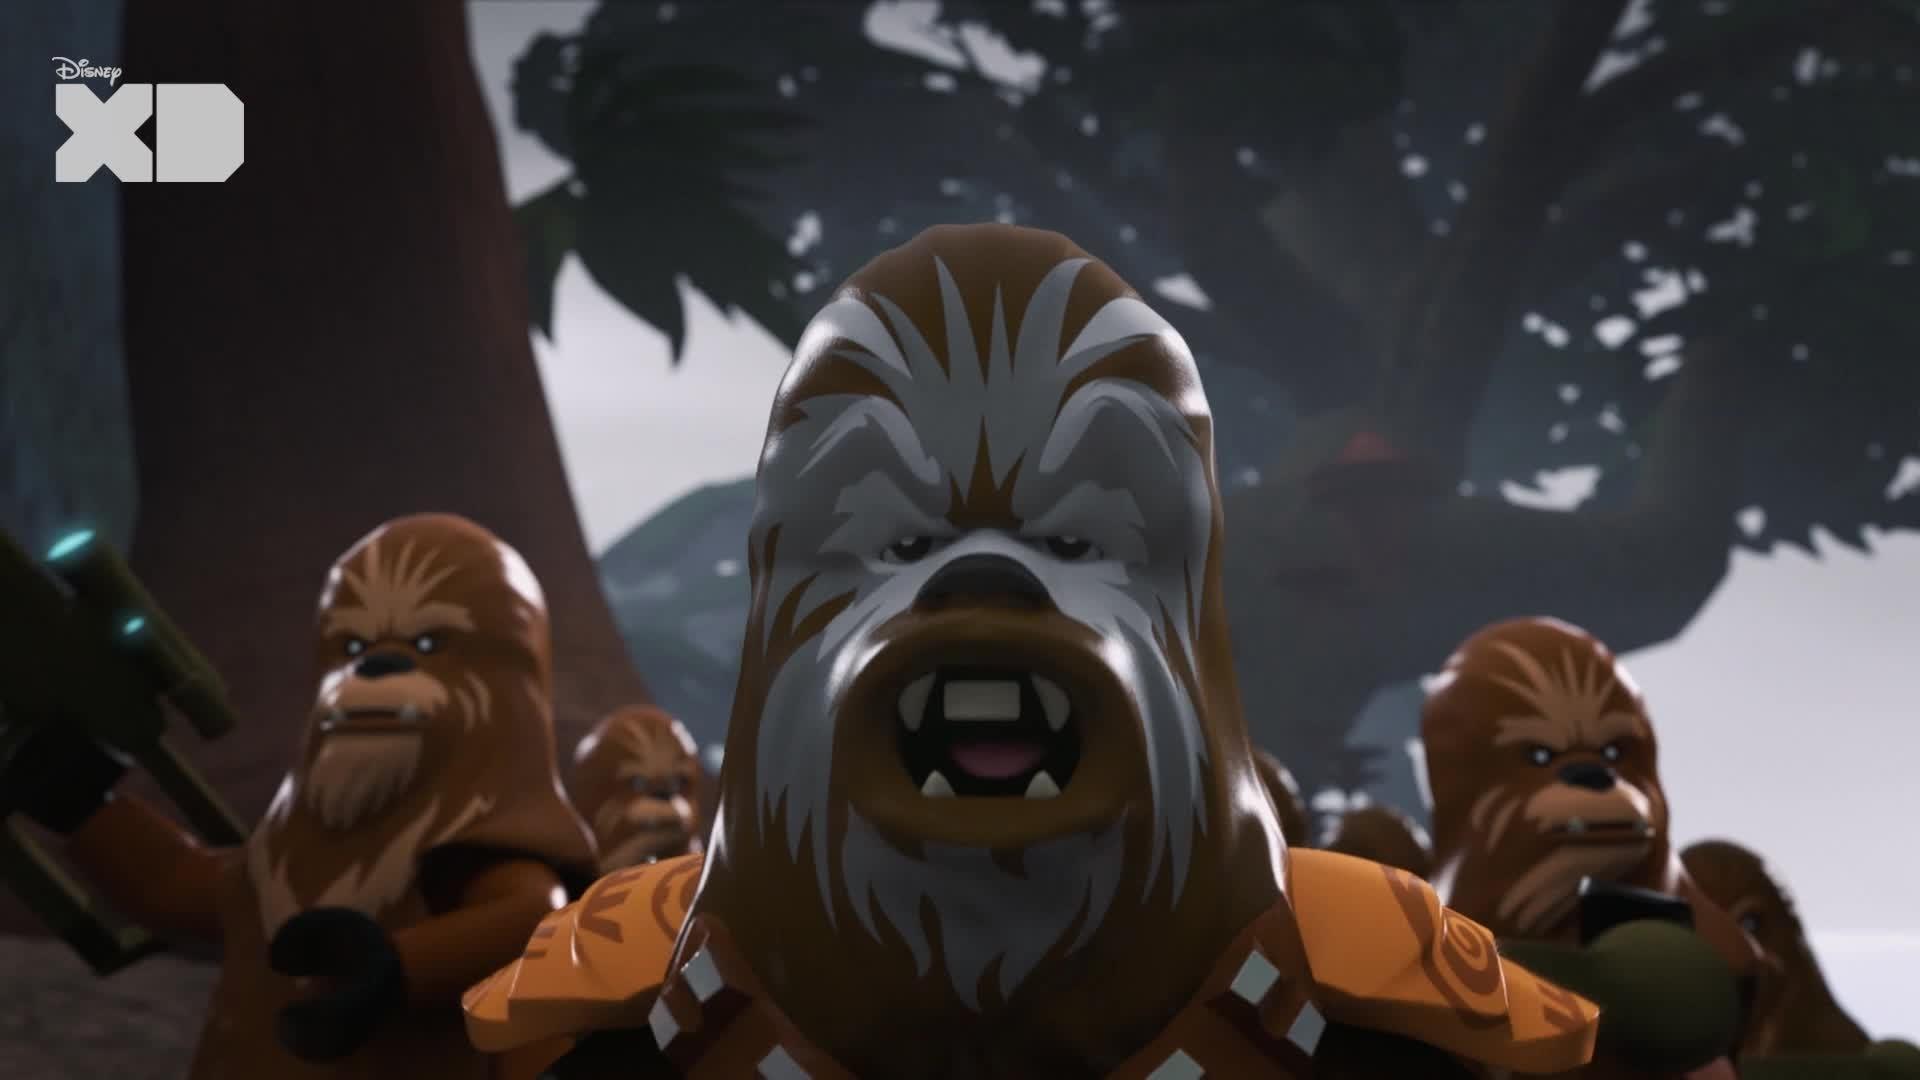 R0-GR vs. Wookiees